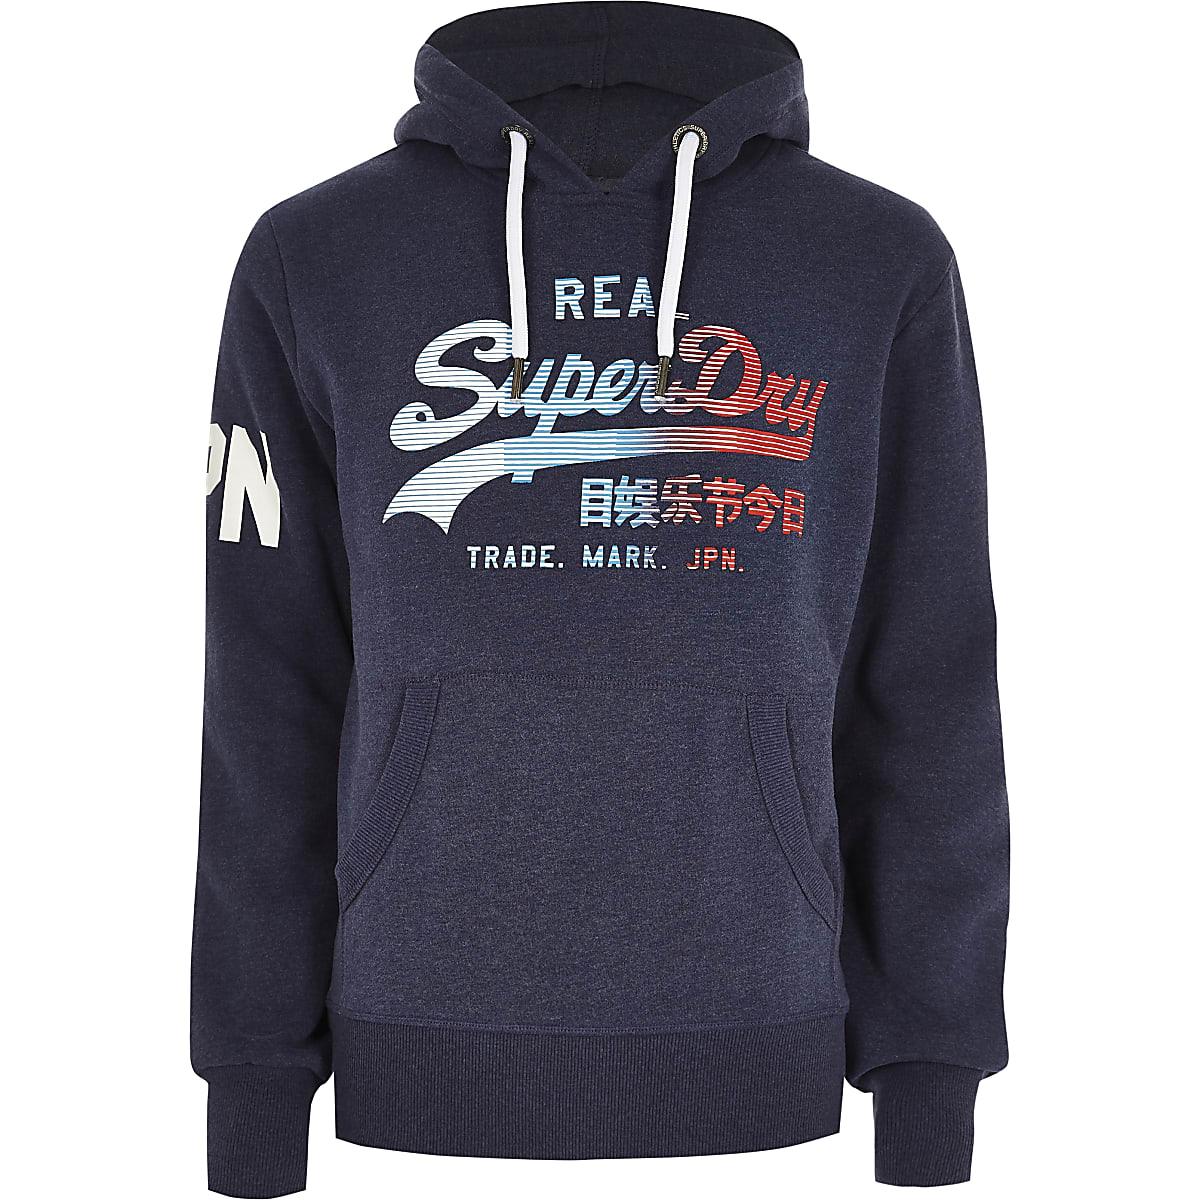 Superdry navy vintage logo print hoodie